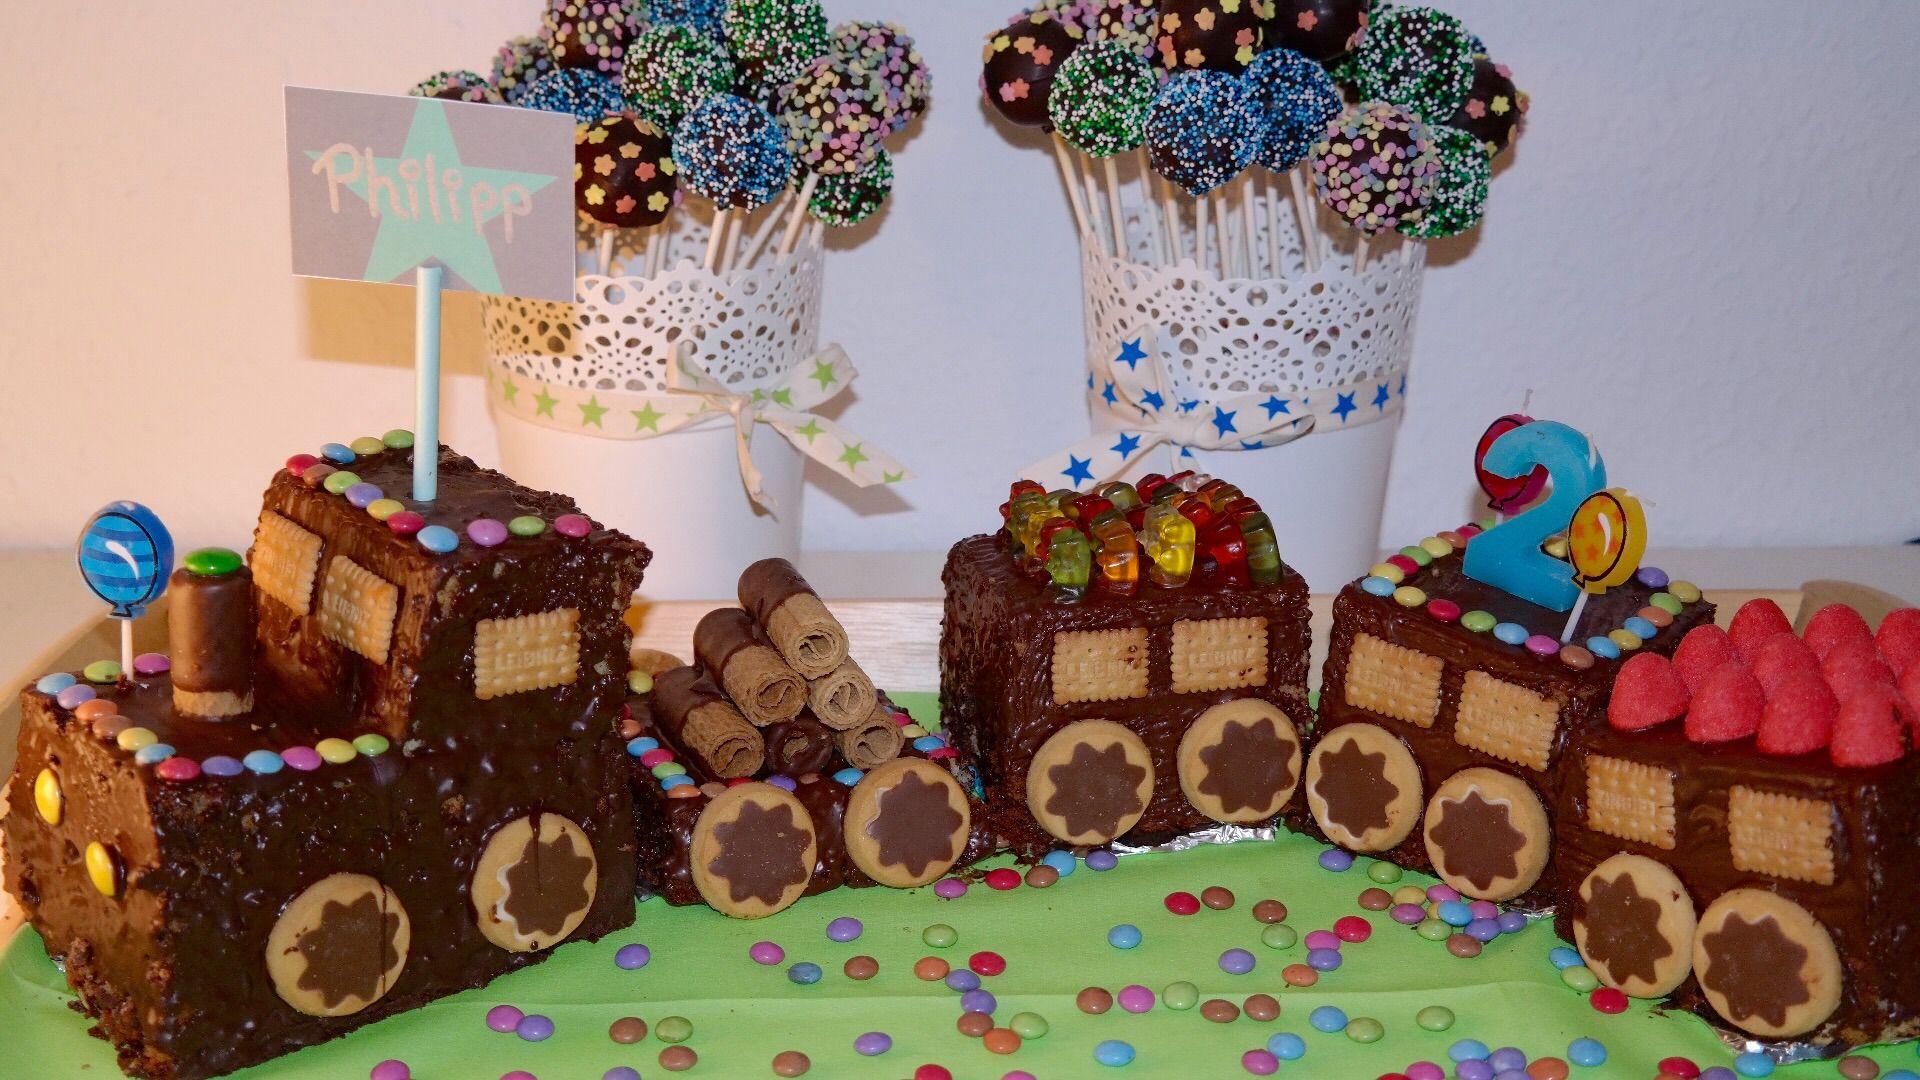 Chefsache Und Kindergluck Kindergeburtstag Kuchen Zug Kuchen